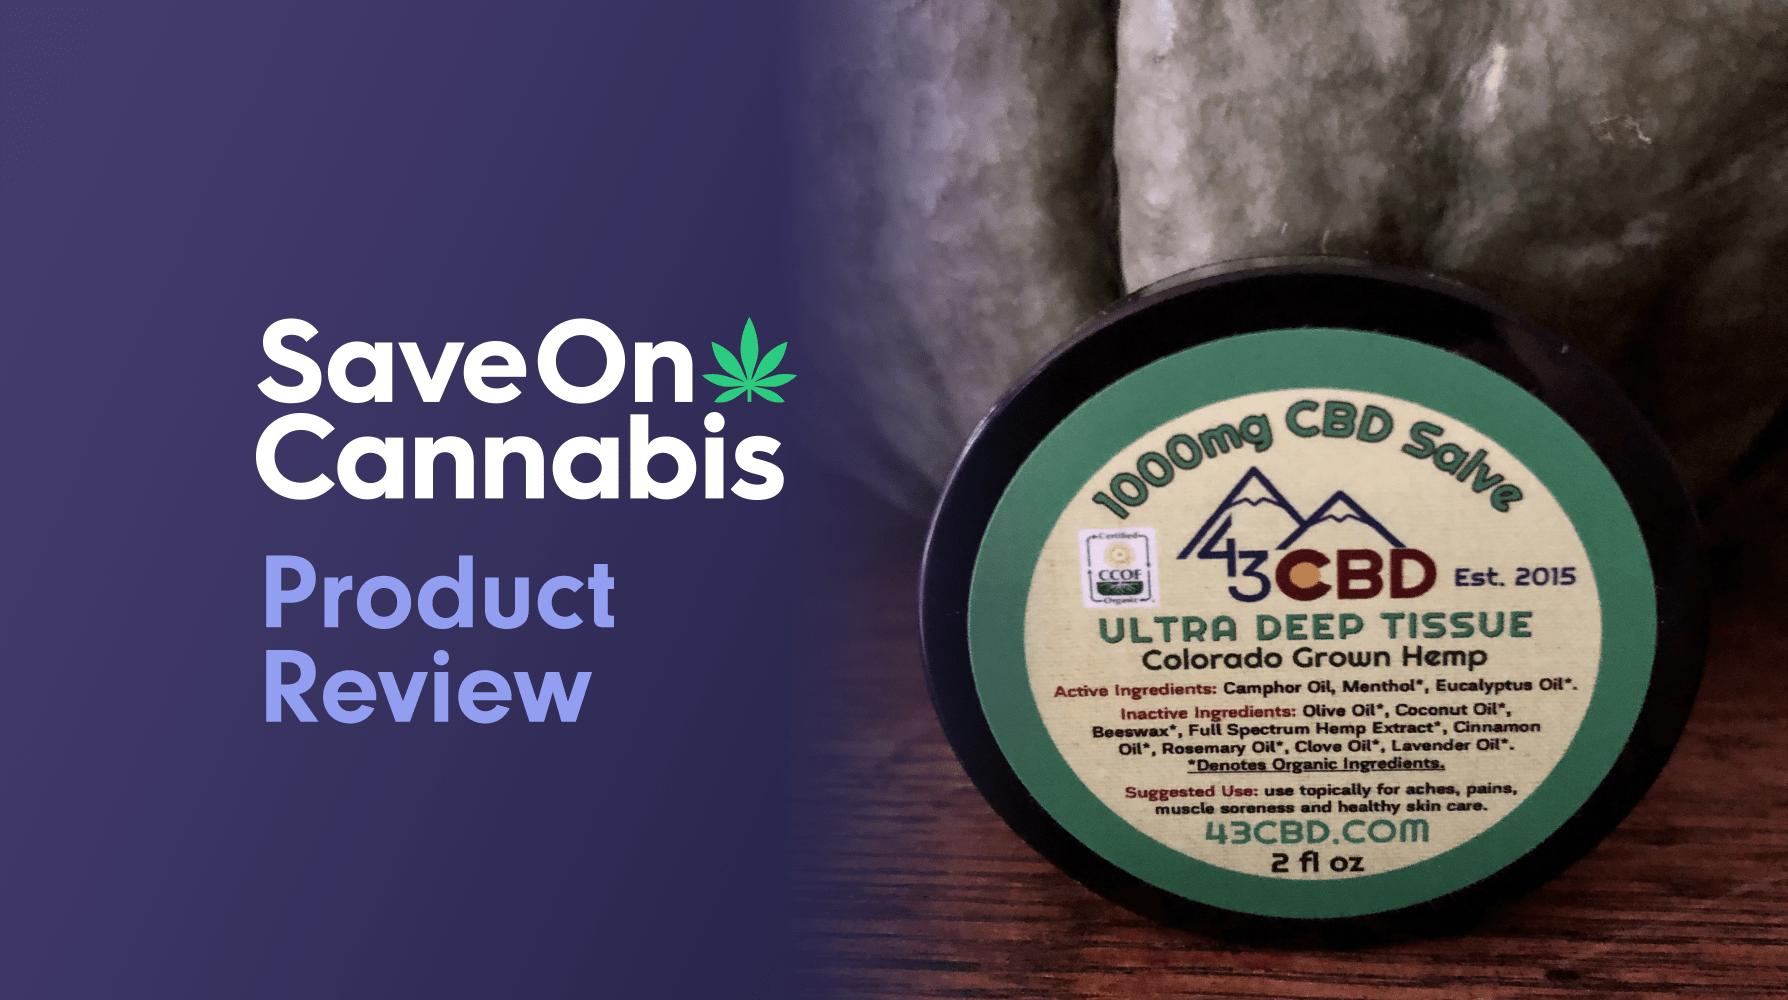 43 CBD Ultra Deep Tissue Salve Save On Cannabis Review Website